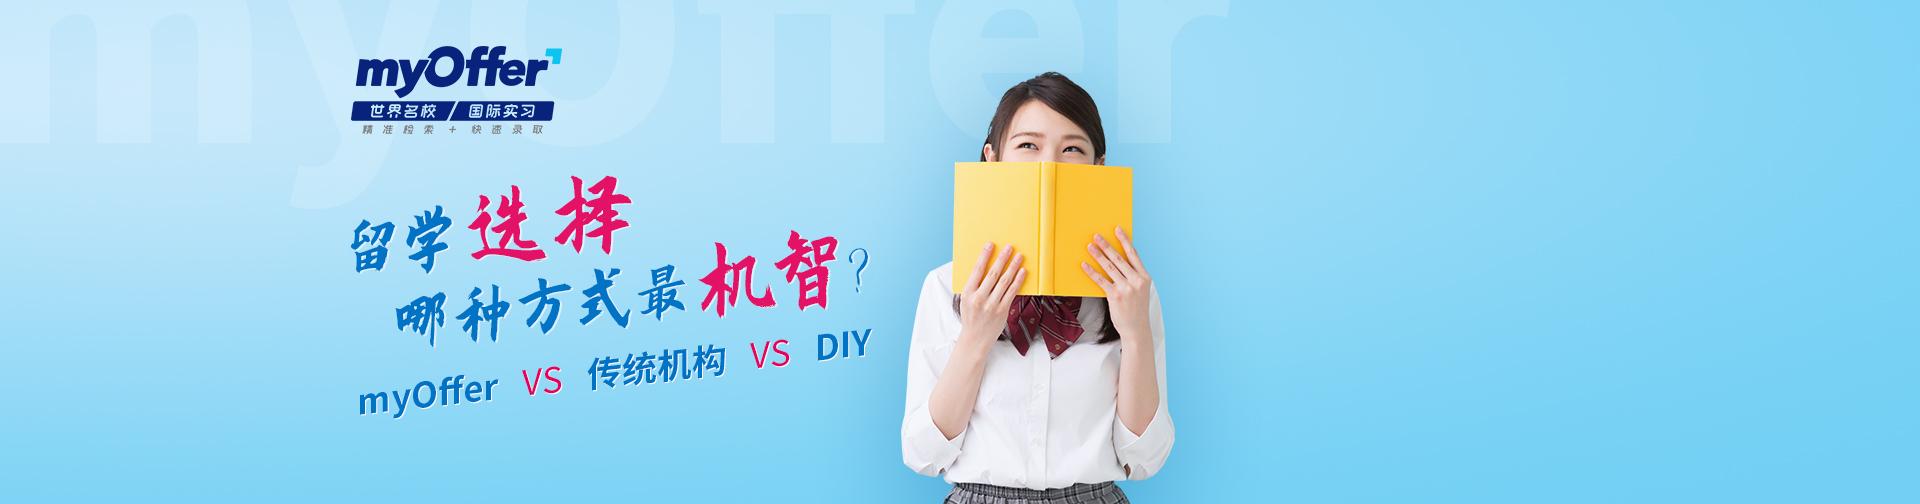 http://myoffer-public.oss-cn-shenzhen.aliyuncs.com/banners/f38df0aa632ab364de29c0d4dc6779dd-302852-1920x504.jpg